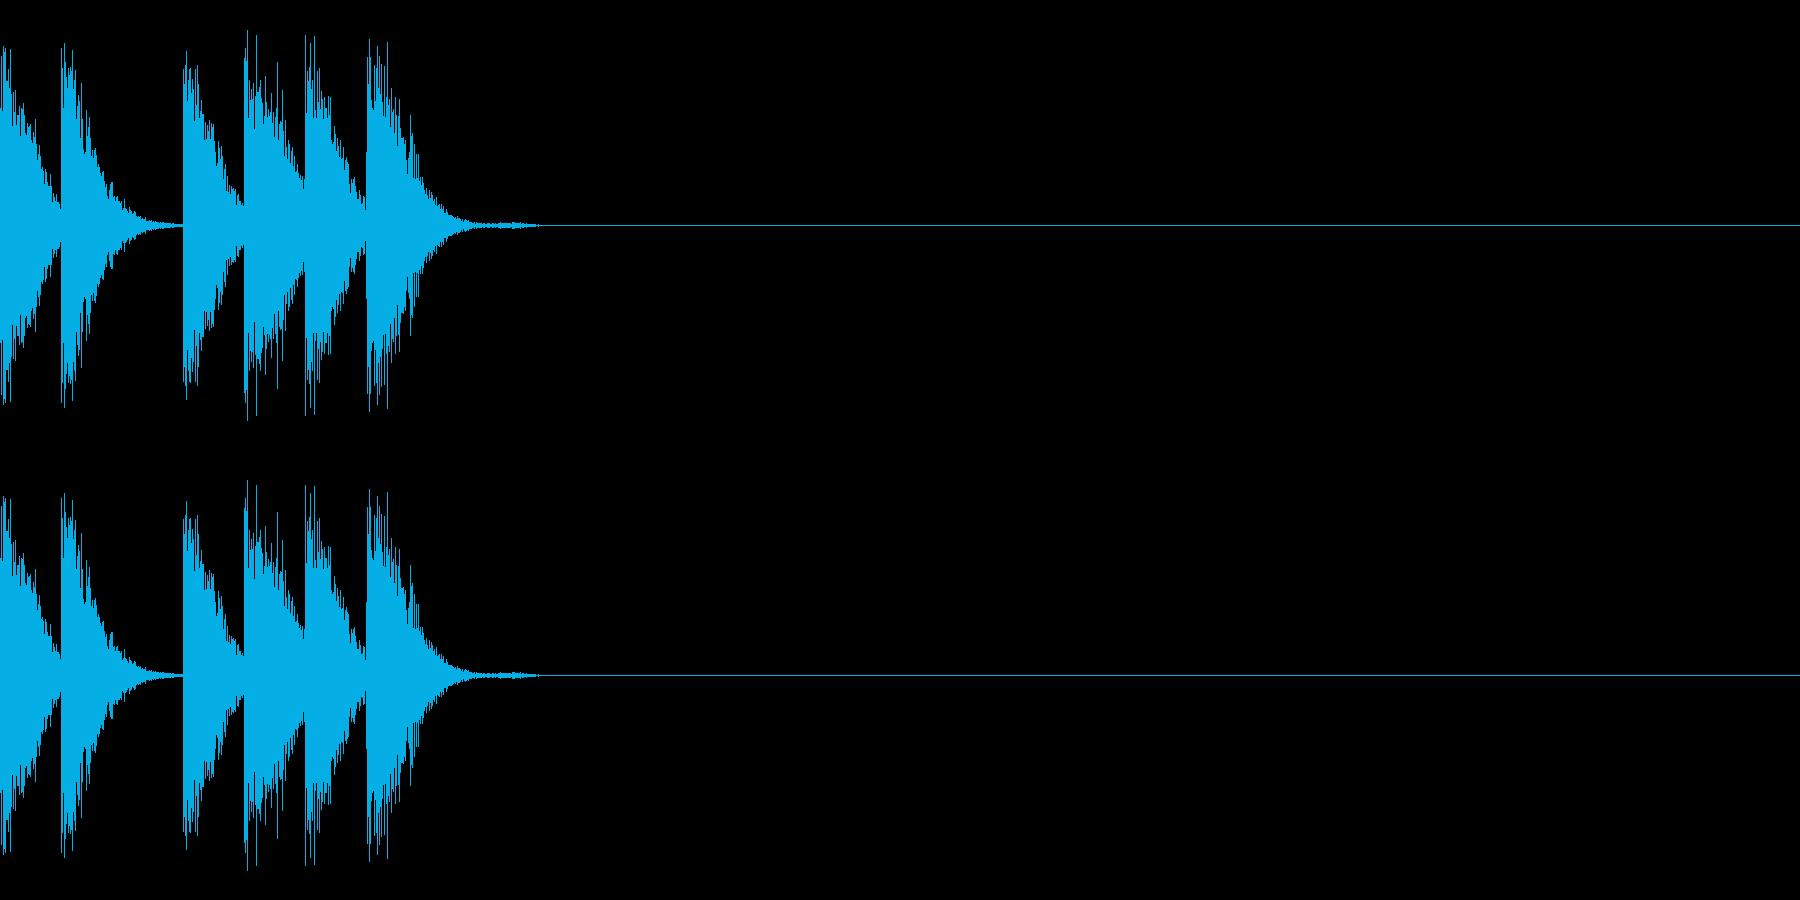 パリリリ(電子)の再生済みの波形